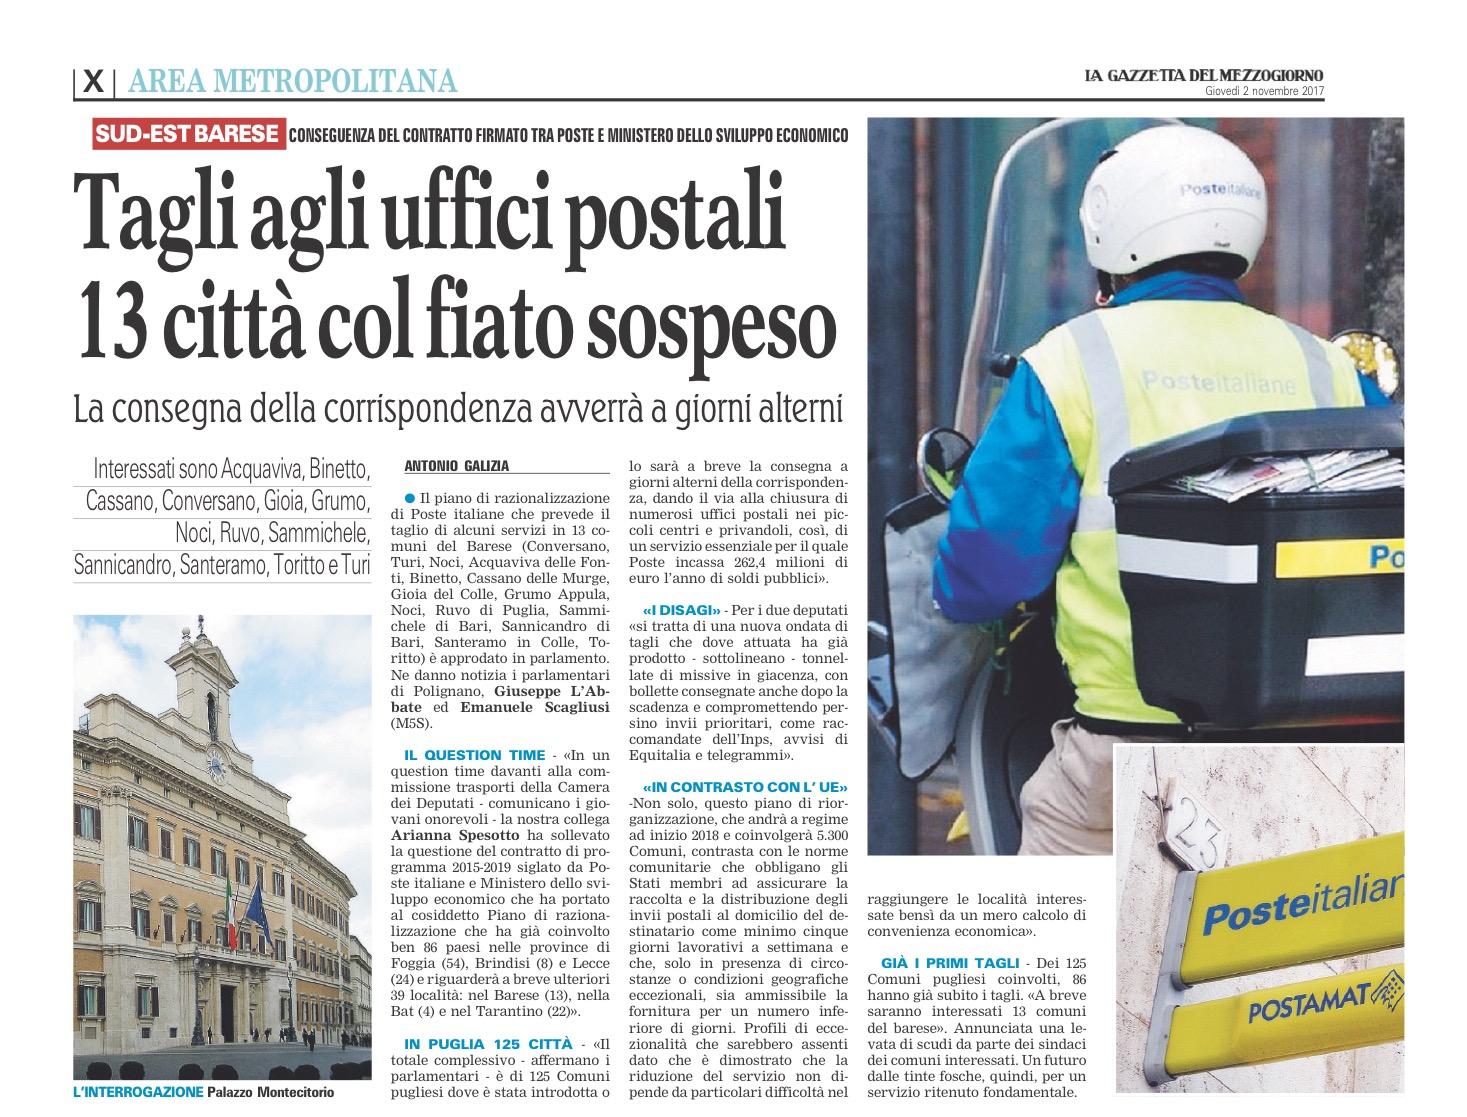 La Gazzetta del Mezzogiorno - 02.11.2017